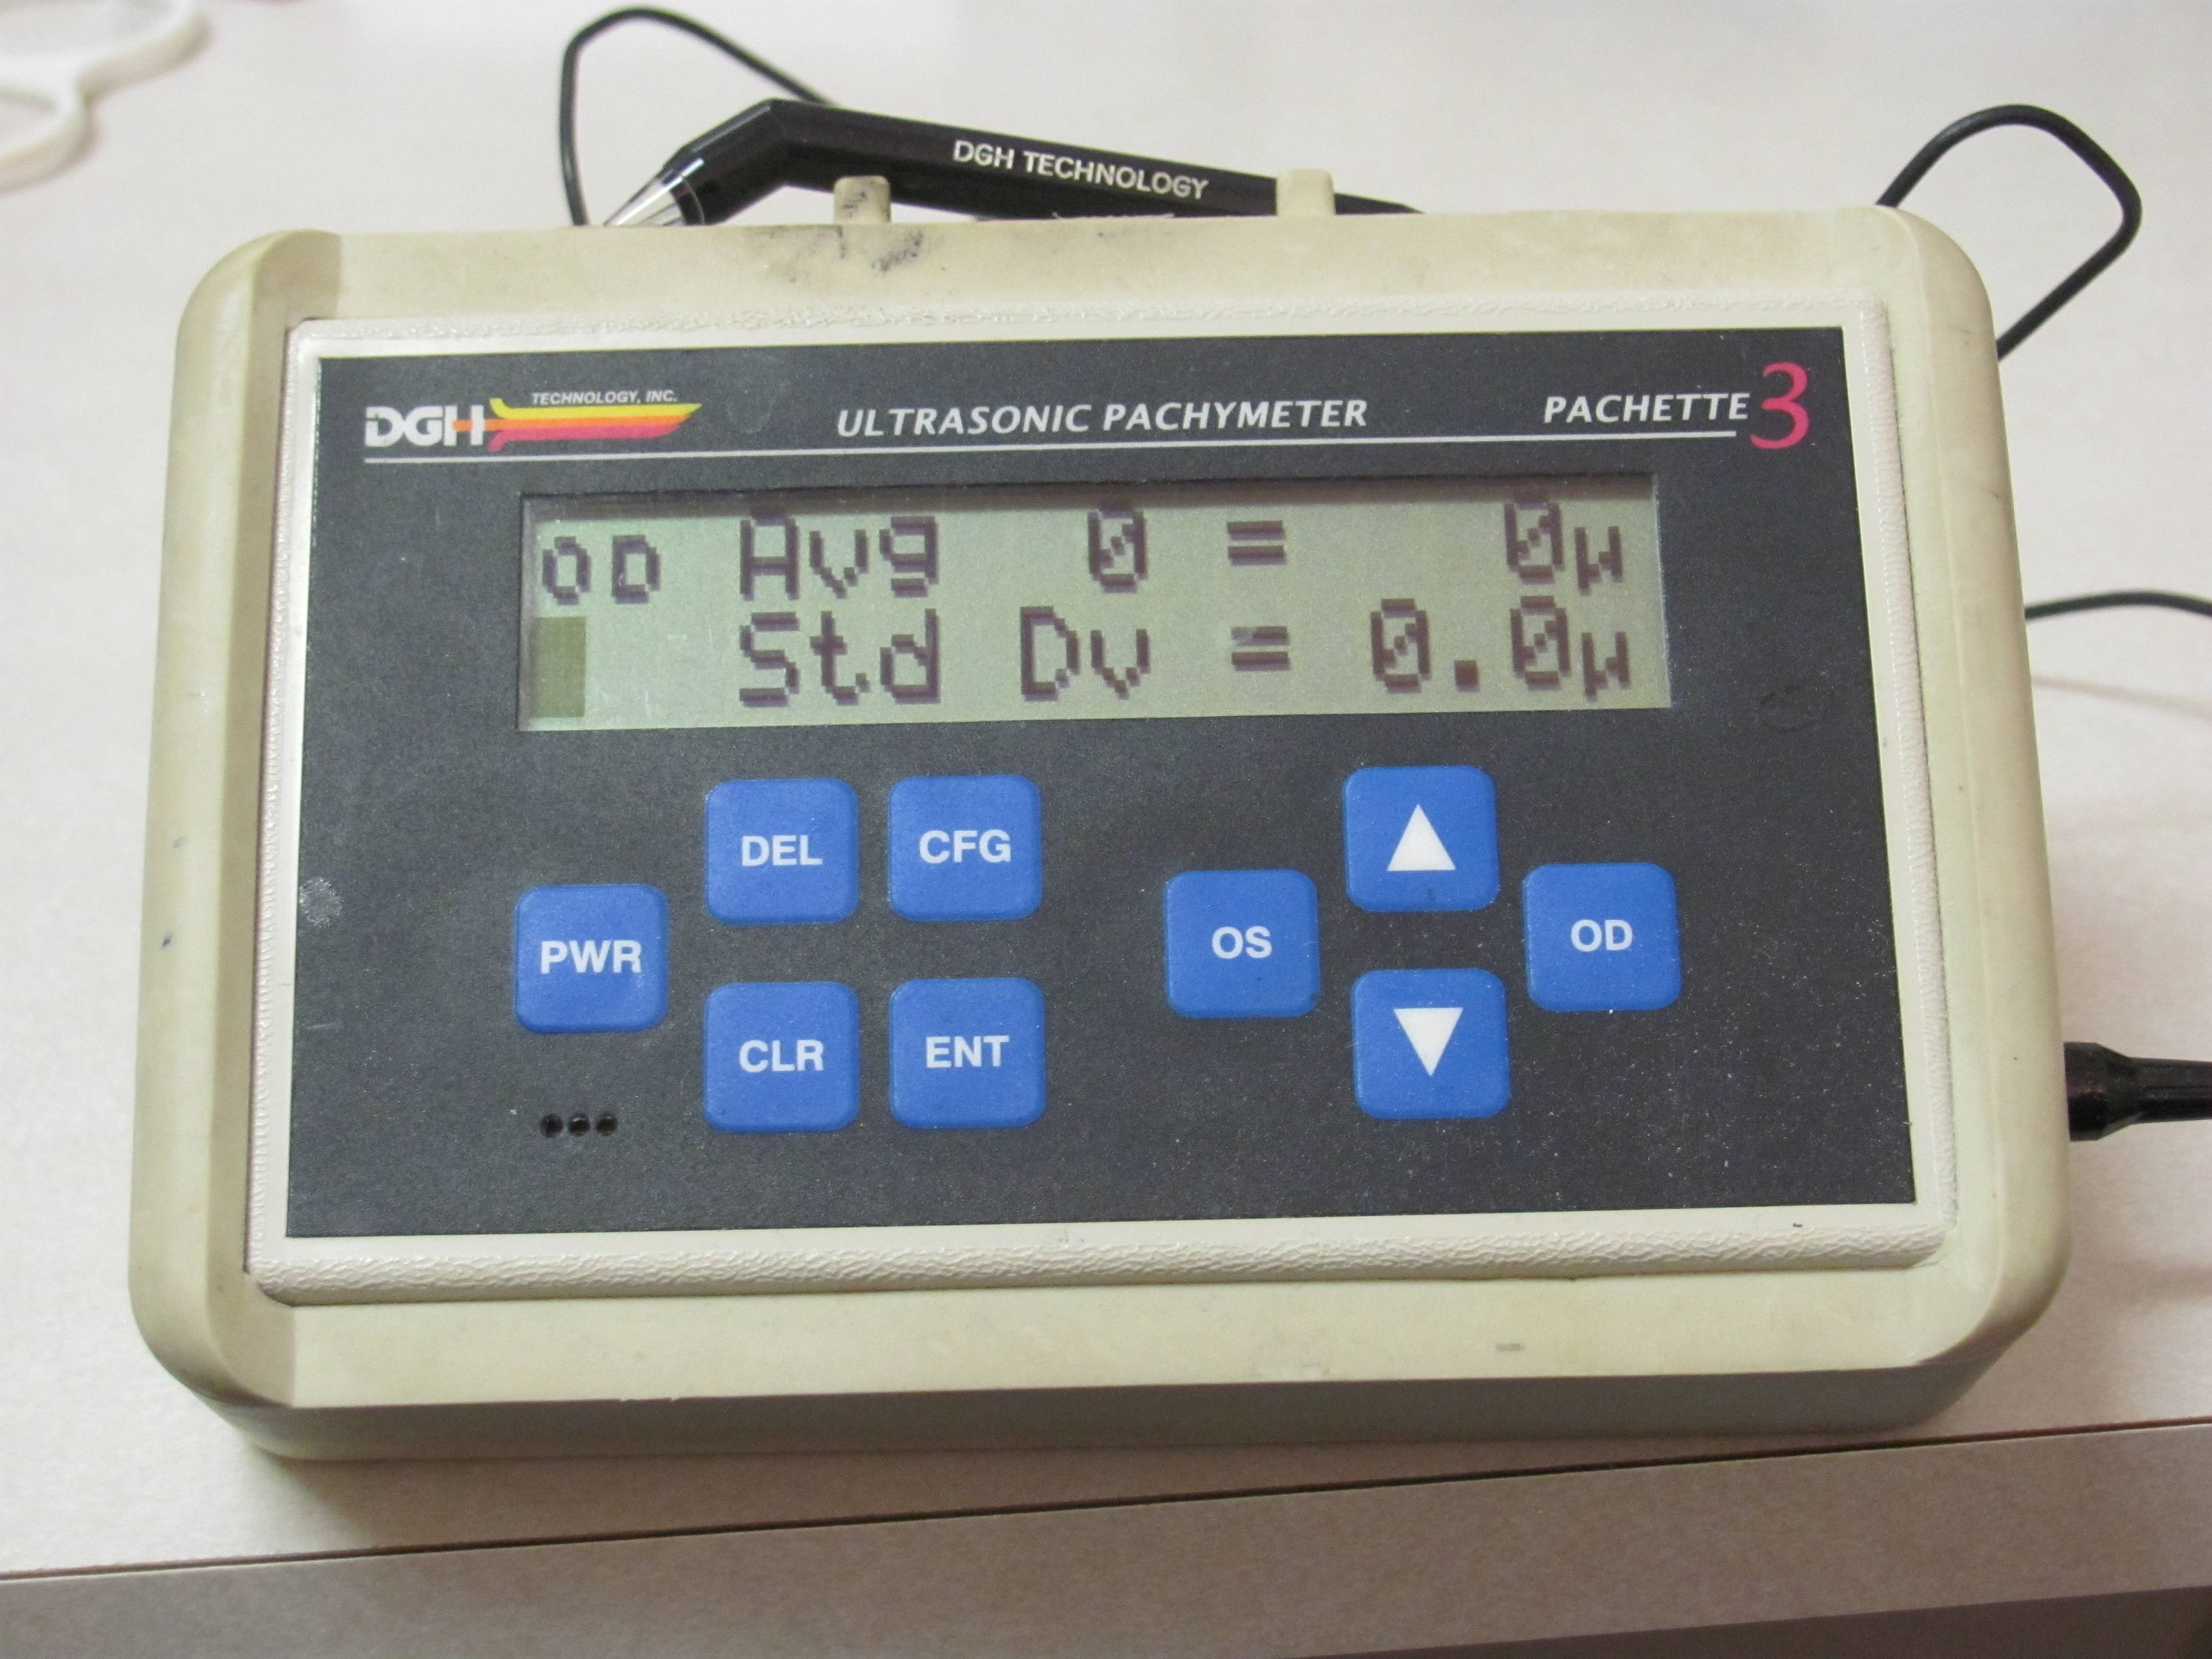 Pachymeter at edison Eye doctor